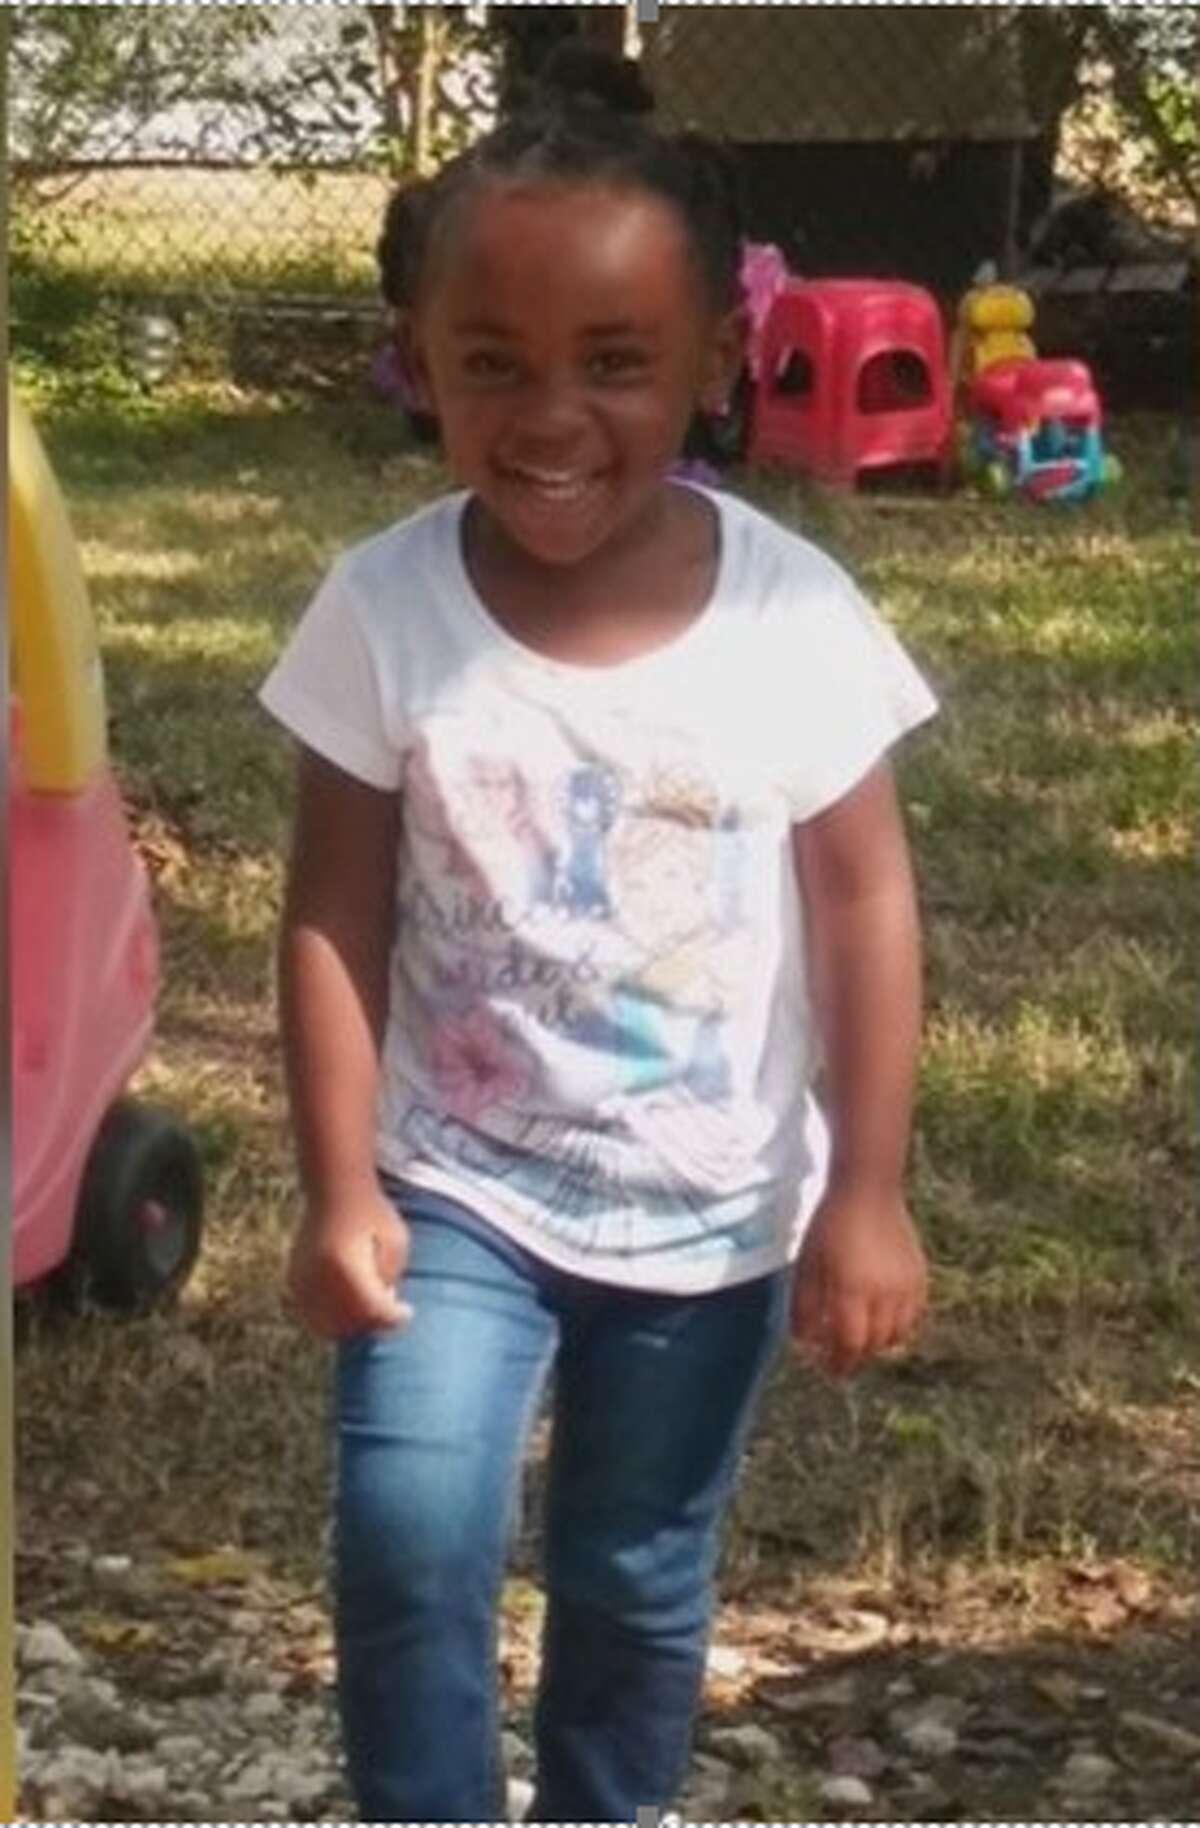 Rayven Shields, 3, was last seen July 27, 2018.